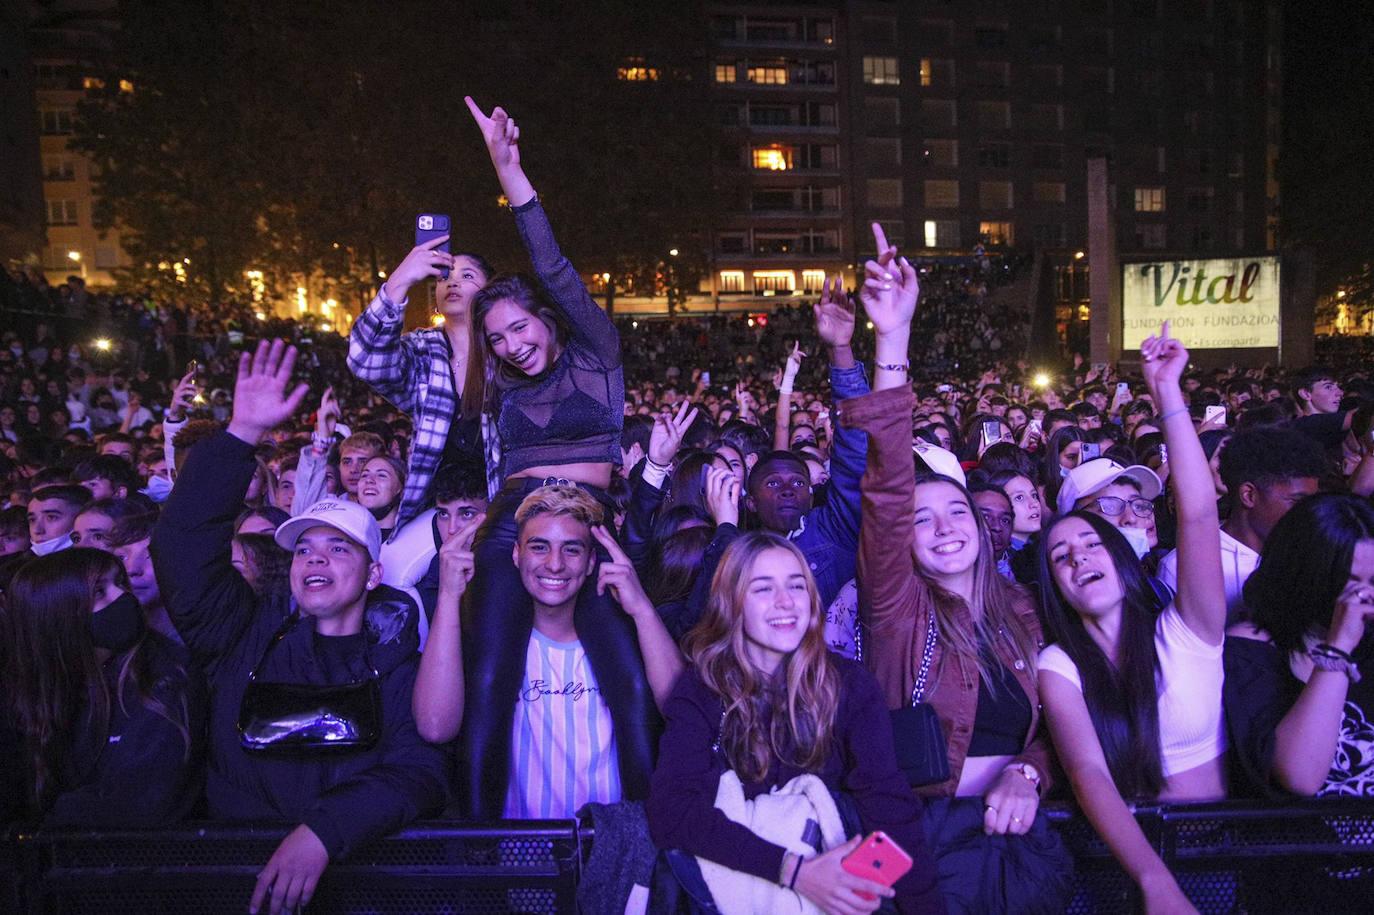 Los conciertos toman la noche en los Fueros